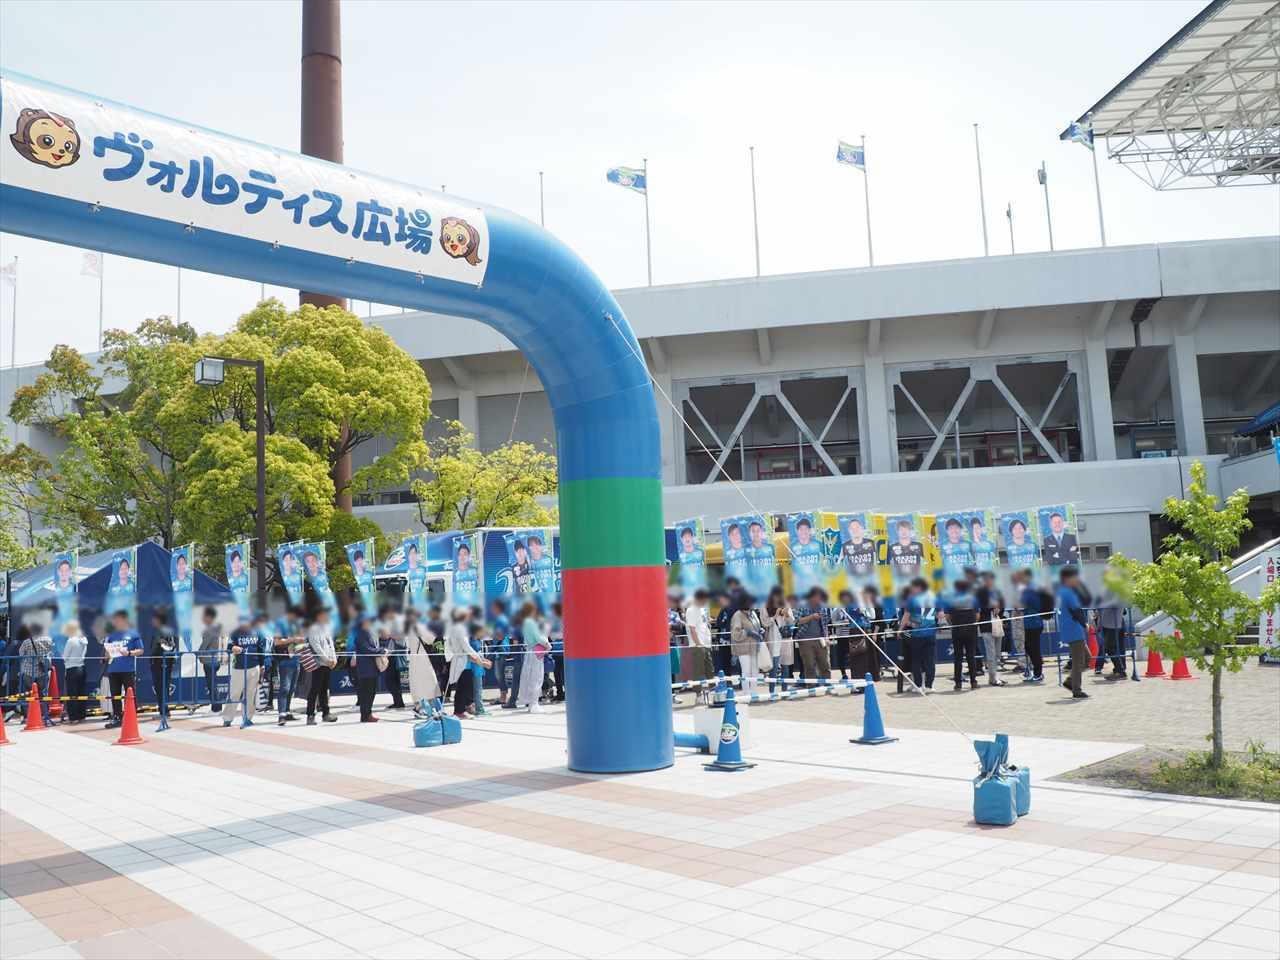 2019年5月5日 徳島ヴォルティス 栃木SC ヴォルティスショップ 行列